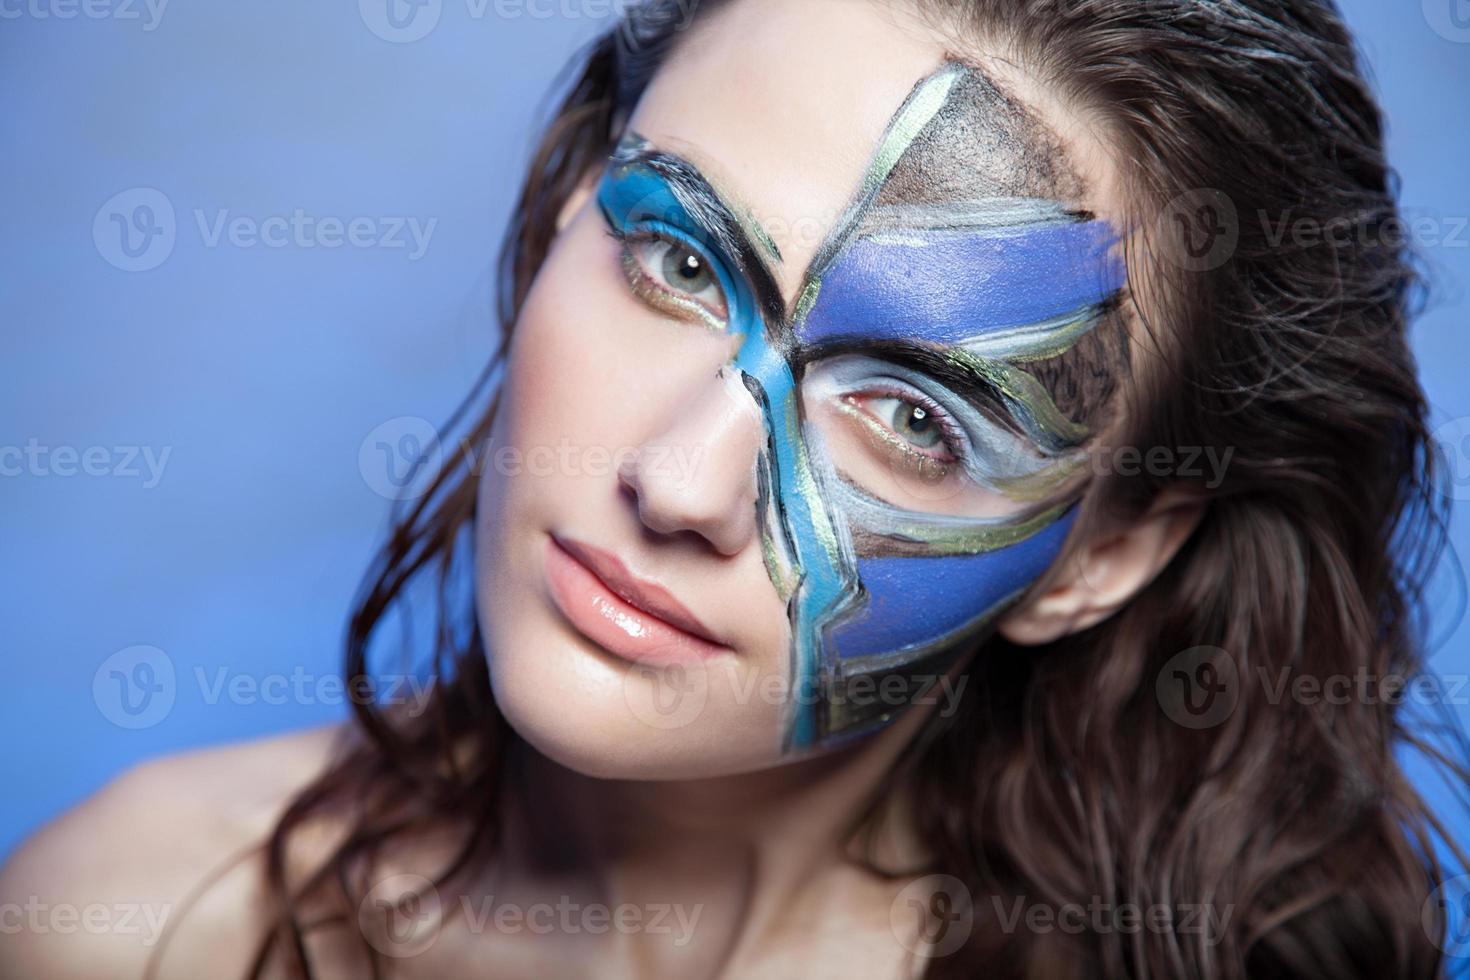 retrato de arte bonita moda mulher cor rosto em fundo azul foto